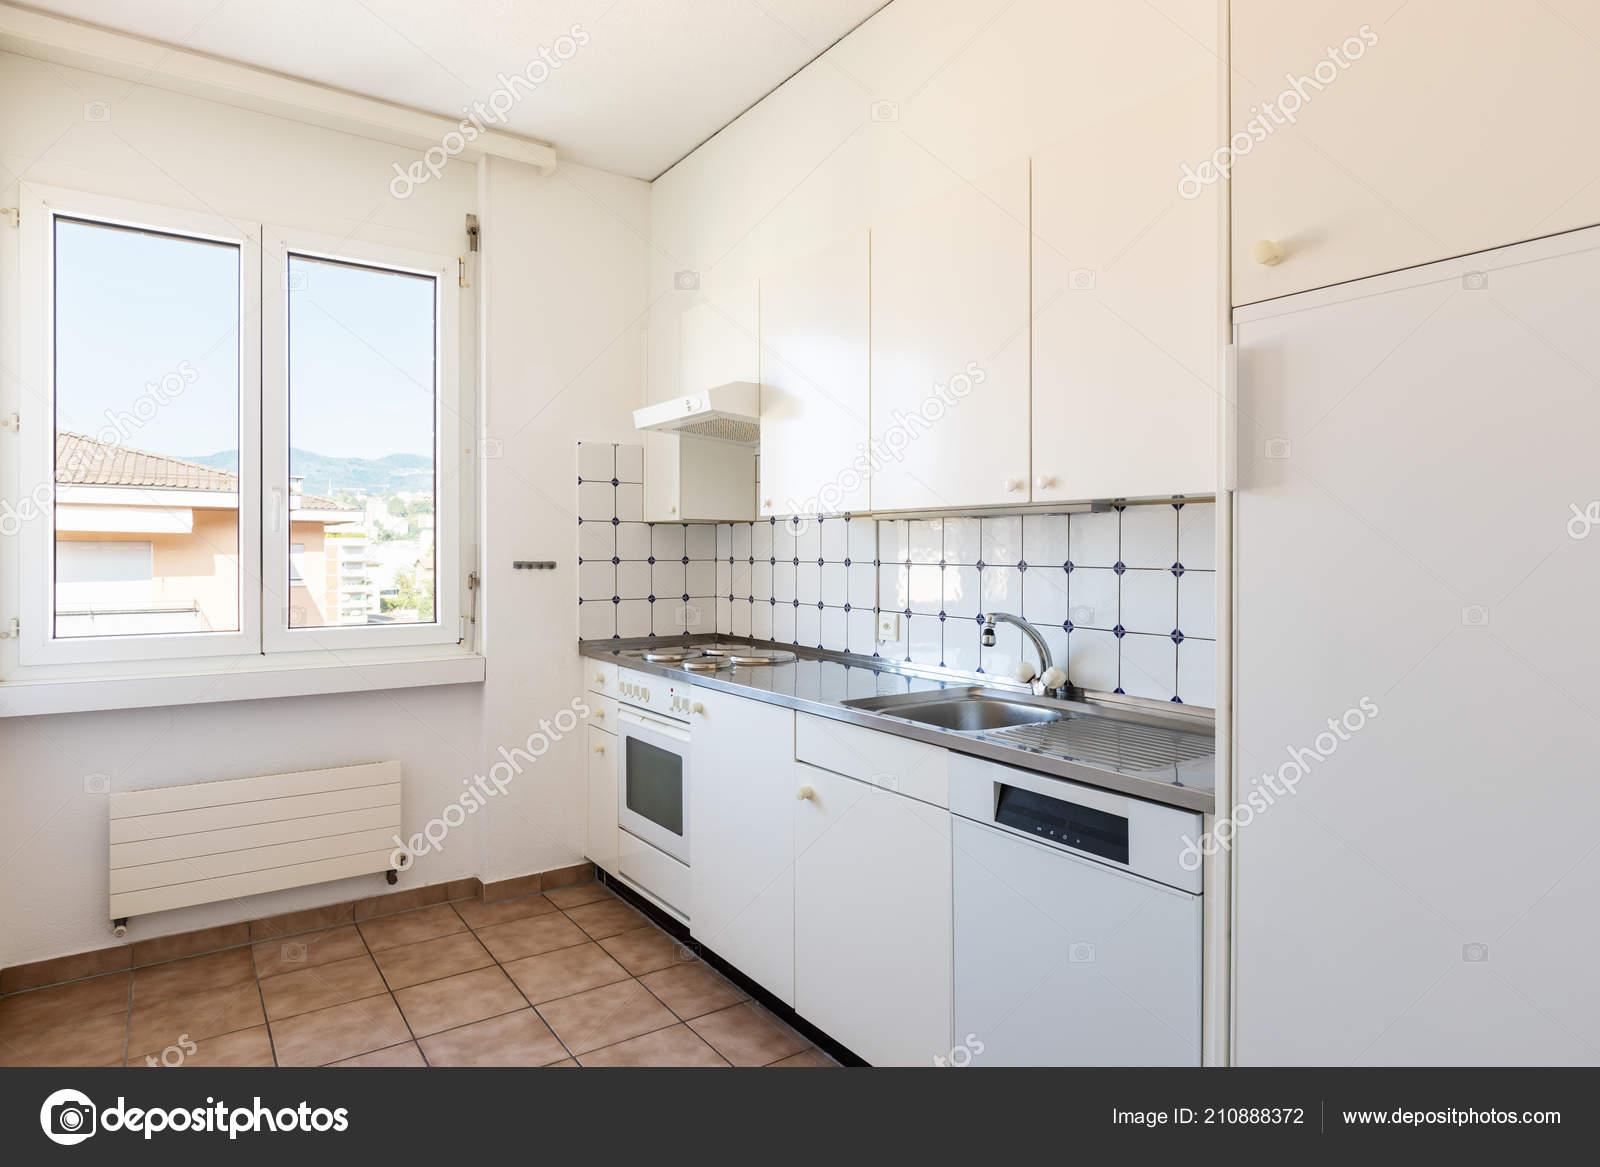 Küche Mit Weißen Und Fliese Vintage Möbel Niemand Inneren U2014 Stockfoto